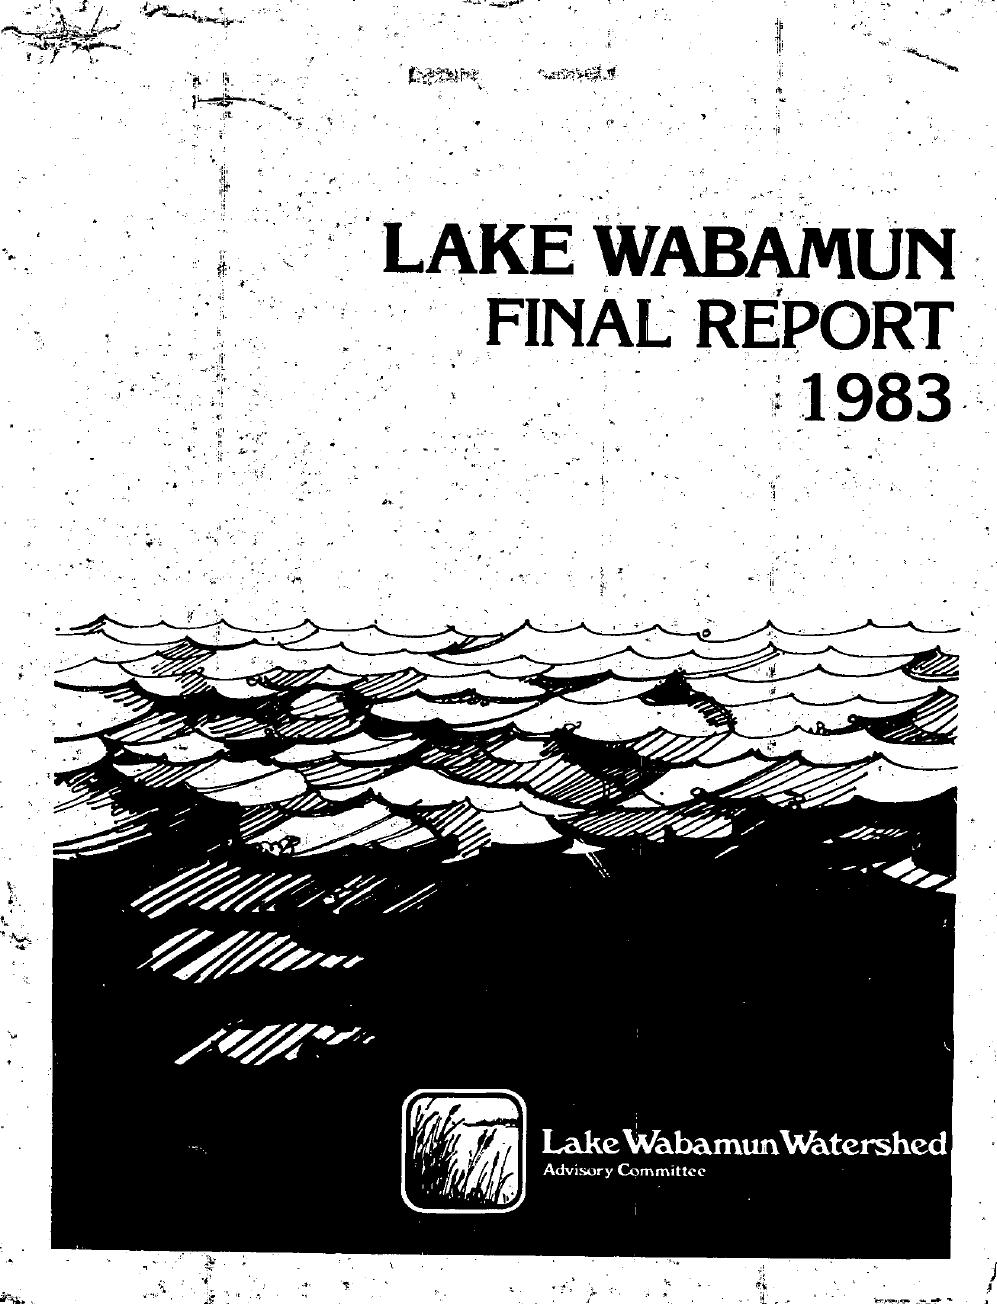 Lake Wabamun Final Report 1983.png